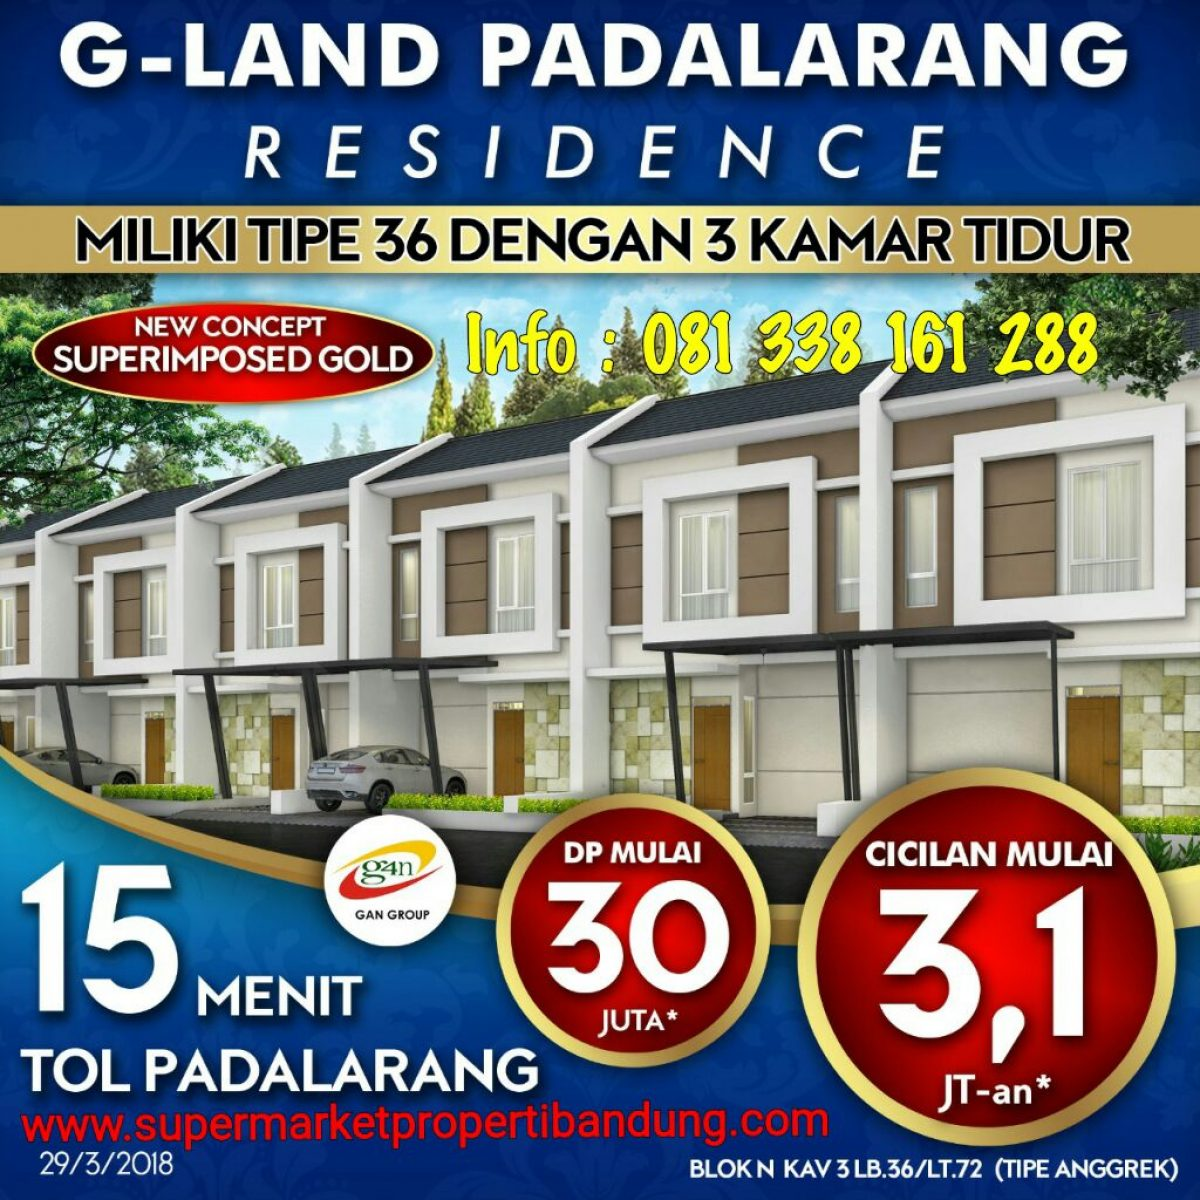 Jual Rumah di Padalarang dekat Kotabaru Parahyangan